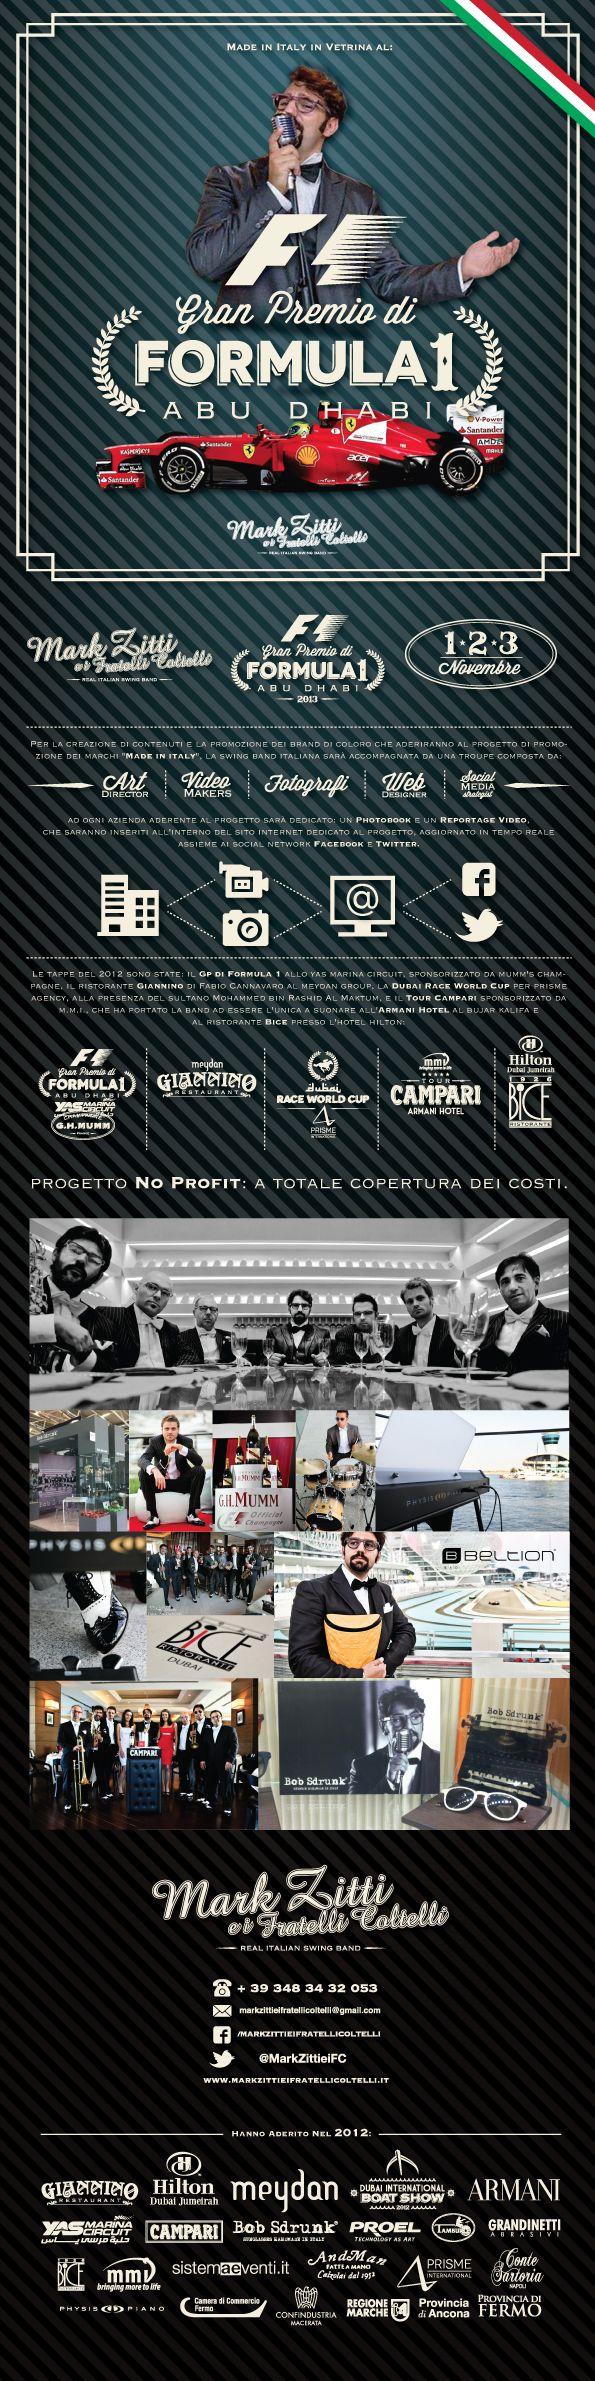 Mark Zitti e i Fratelli Coltelli 2014  UAE Progect